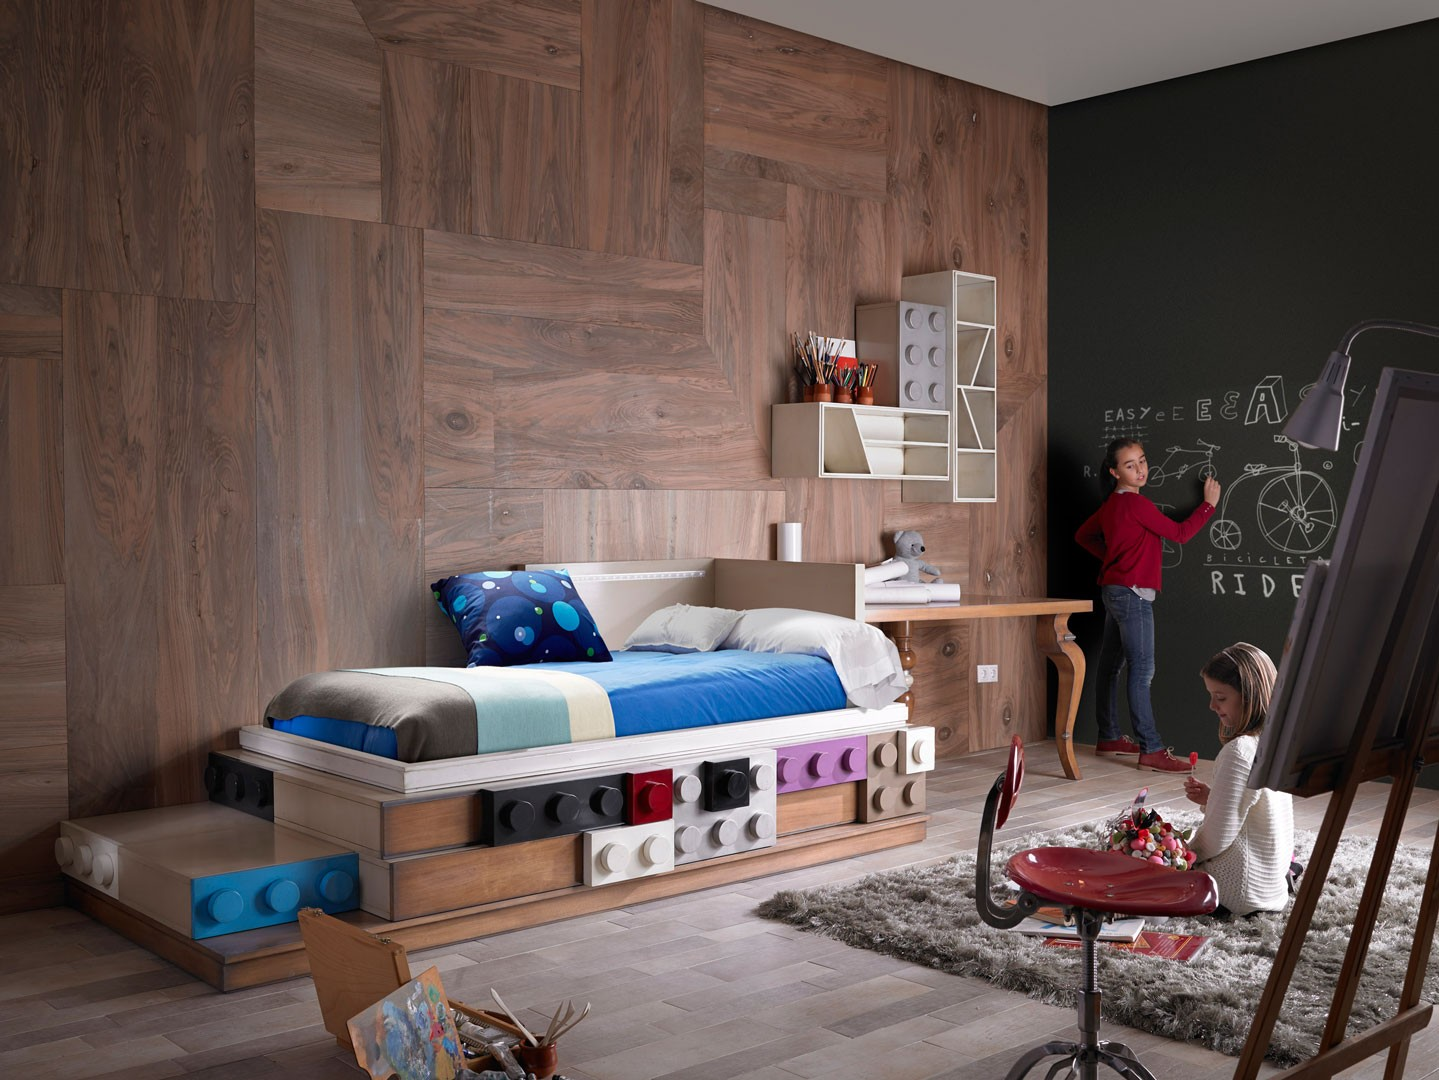 Dormitorios juveniles con estilo | 10Decoracion